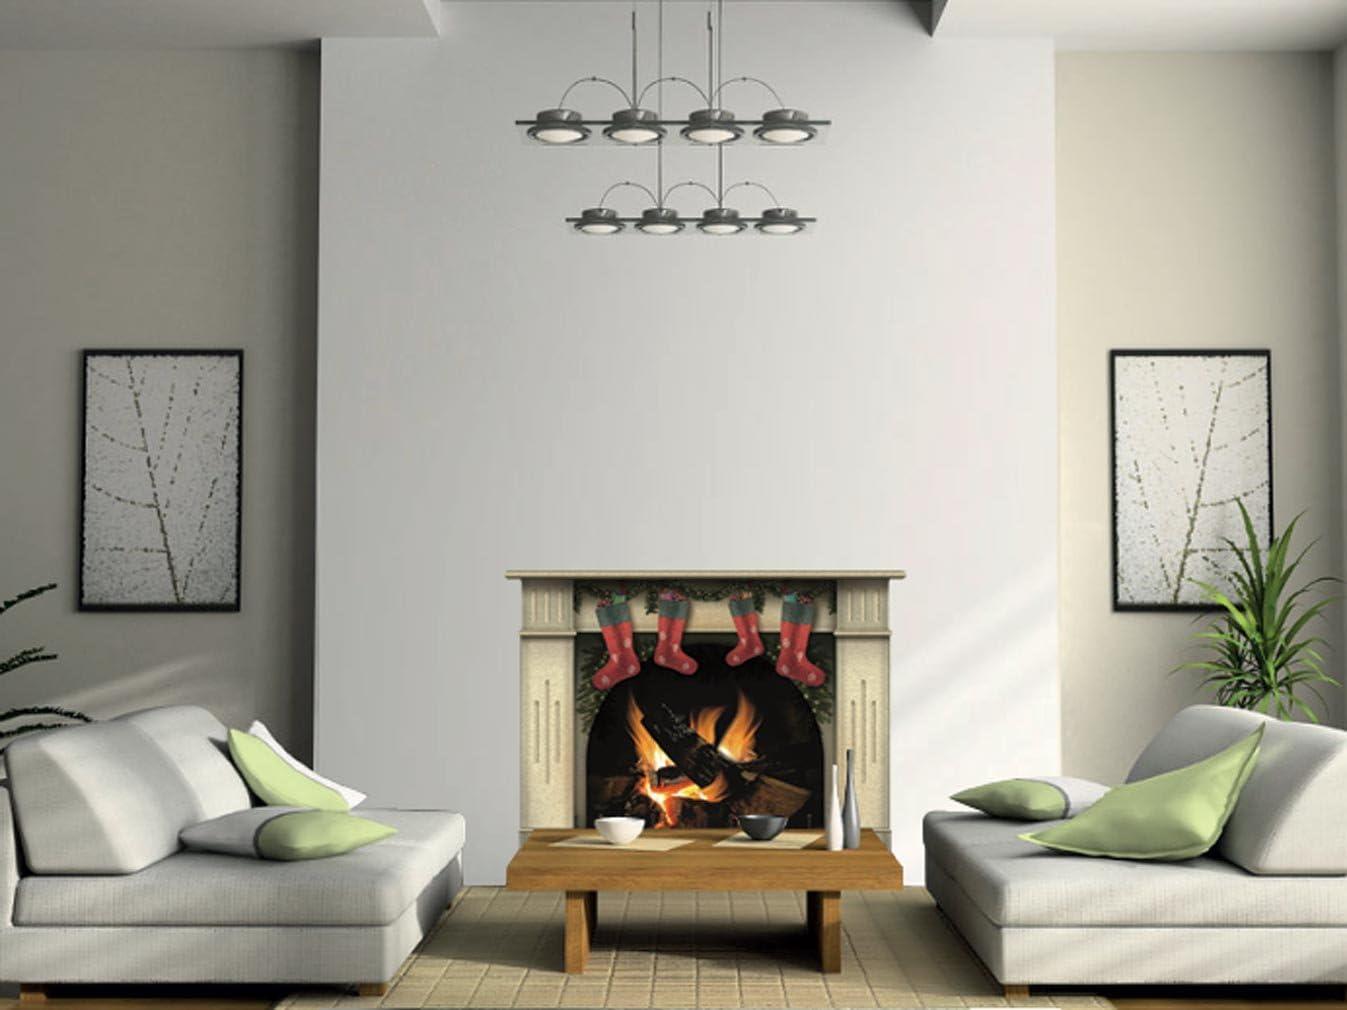 Chemin/ée incroyable avec le calque de d/écoration dint/érieur de mur de bois de feu Grand, Gris d/écor vintage pour votre maison ou appartement